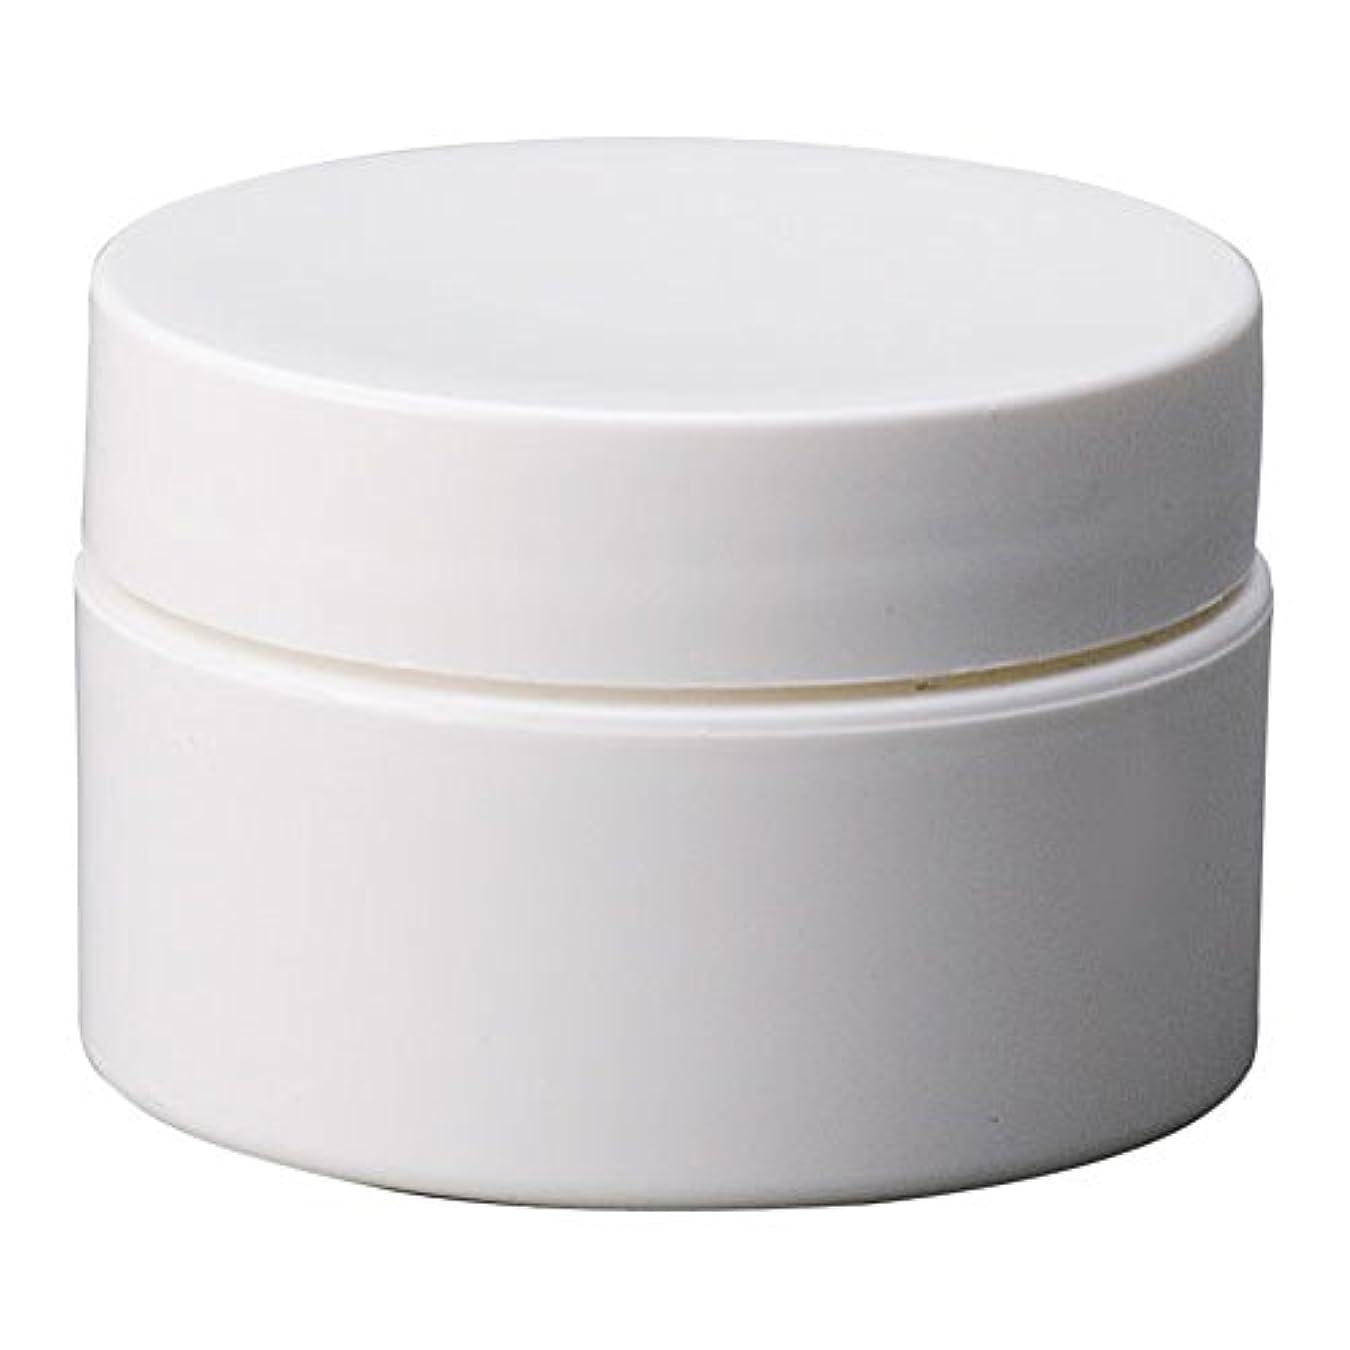 ブレーキ塩致命的なエンプティコンテナ 1/2oz(15ml)